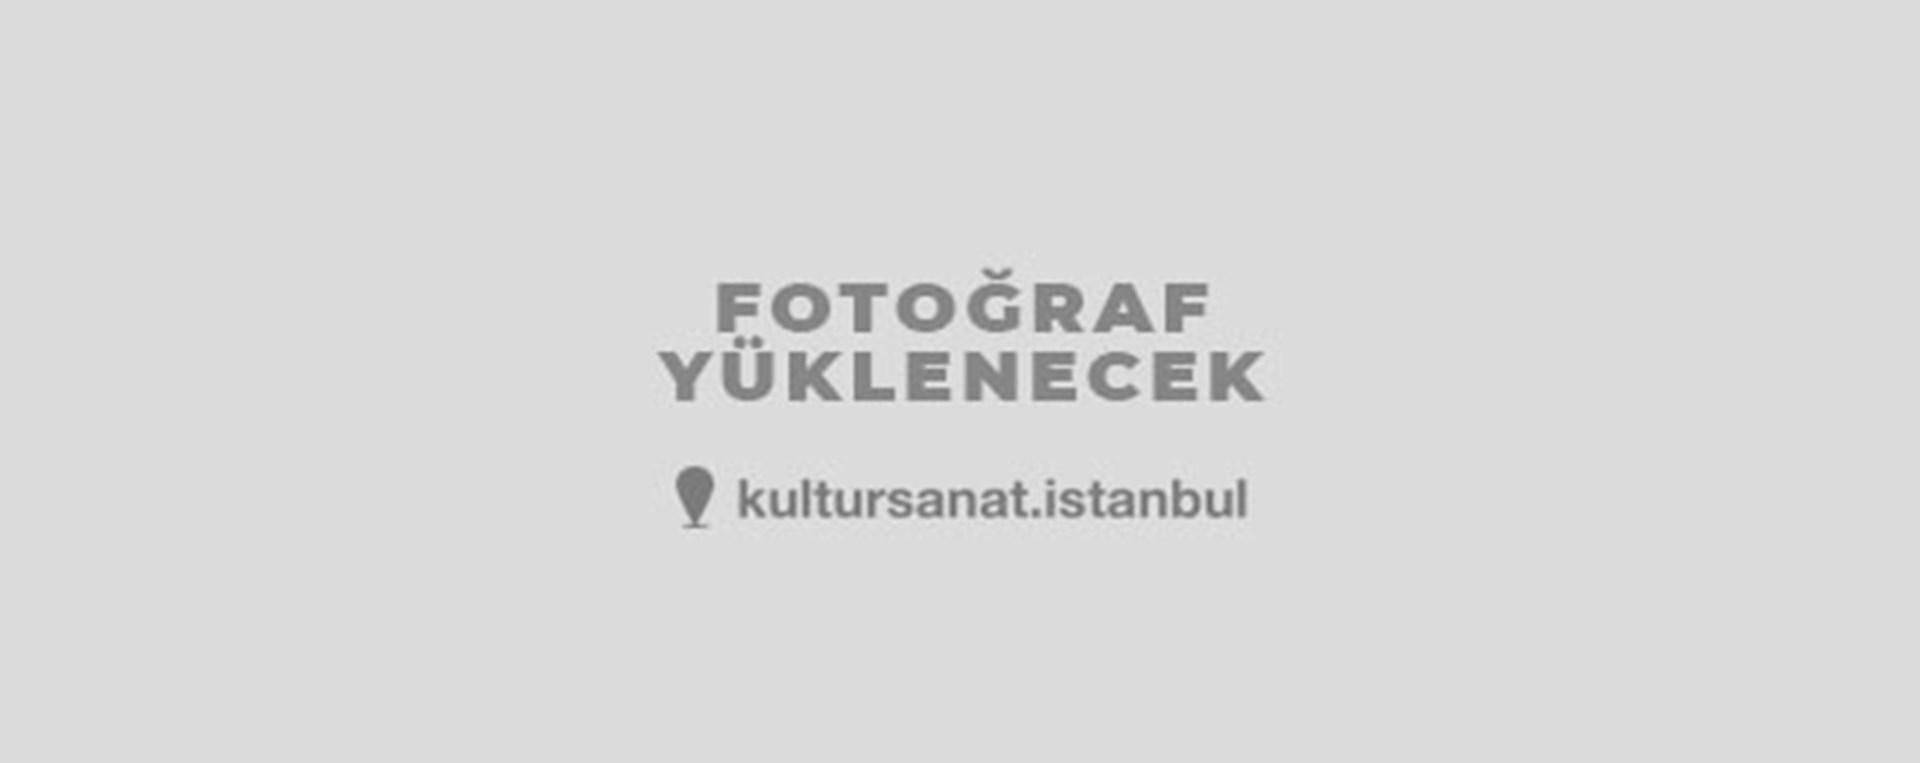 ULUSLARARASI SANATÇI FİLMLERİ